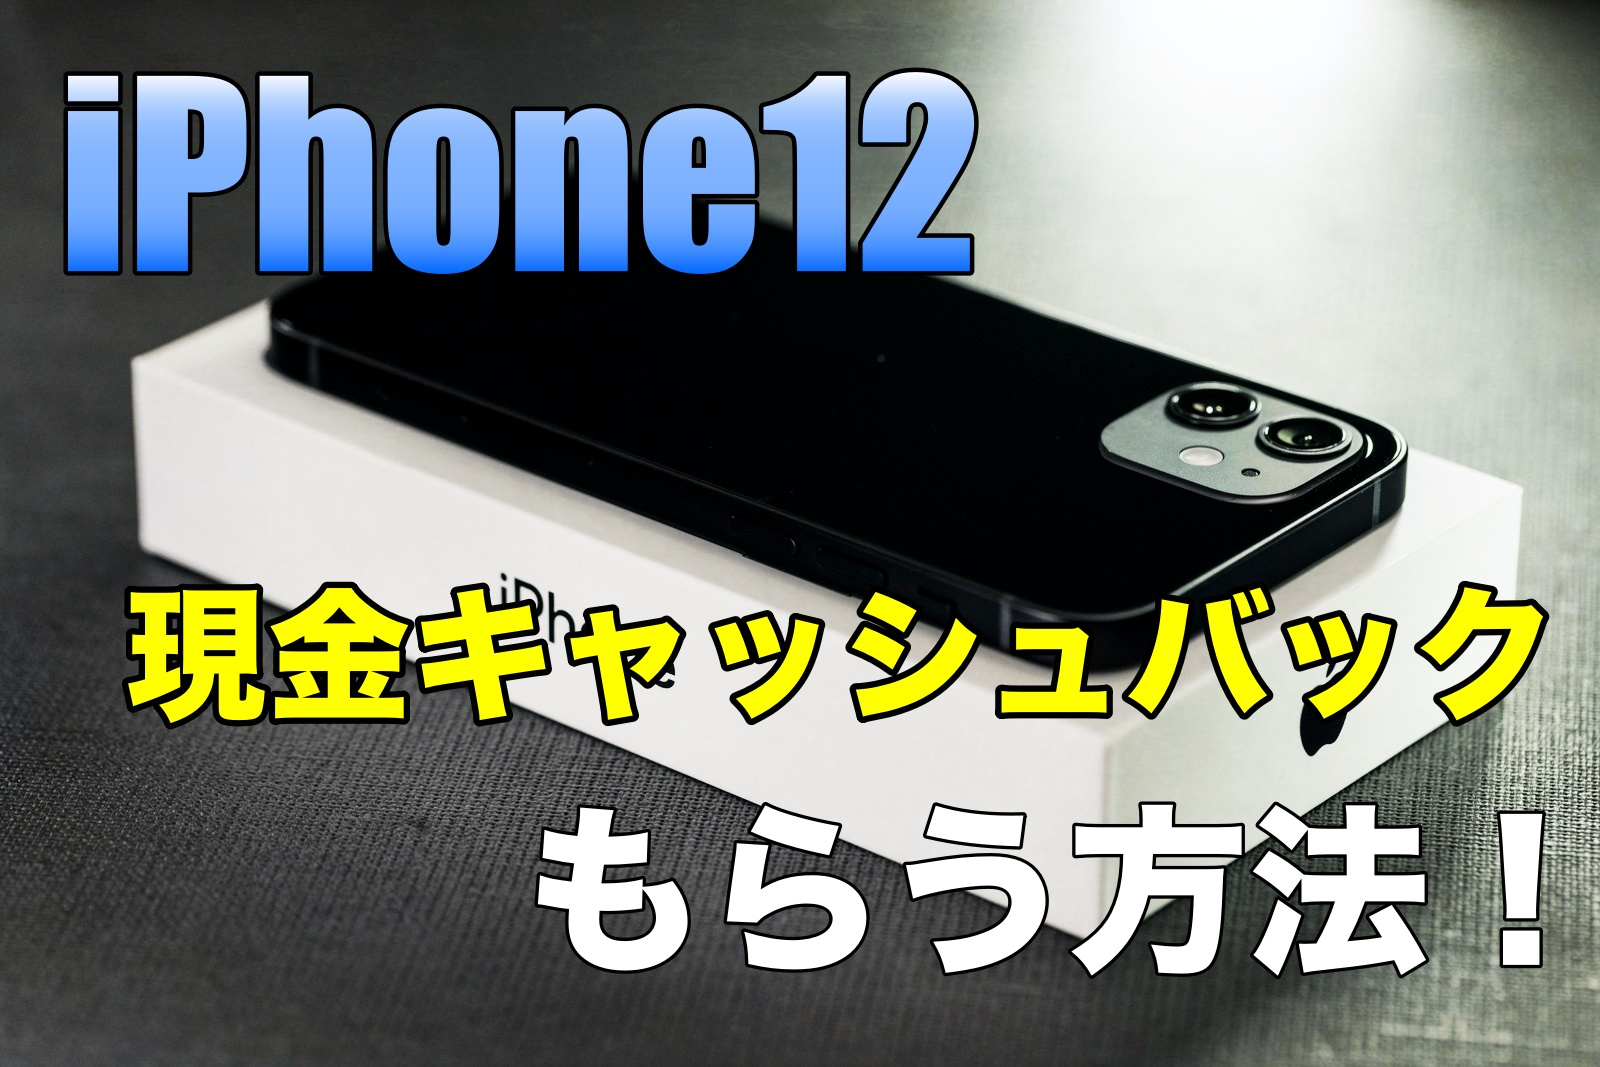 iPhone12現金キャッシュバックをもらう方法